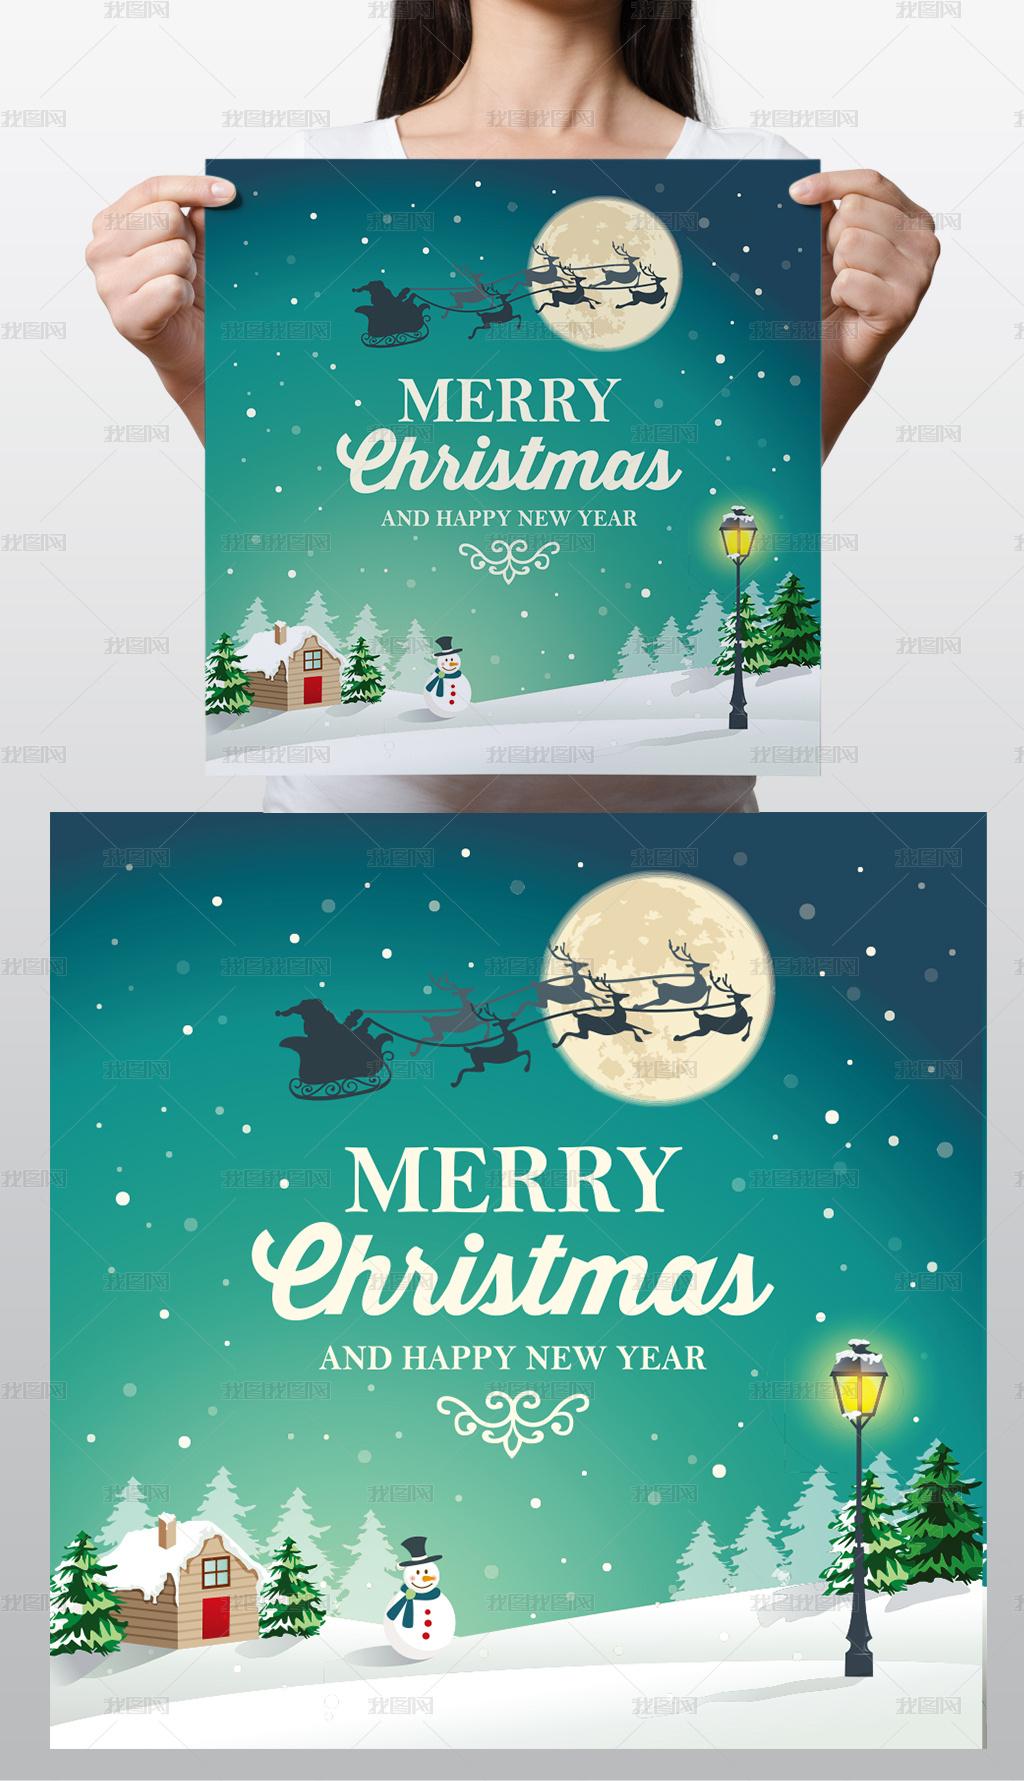 聖誕節海報插畫